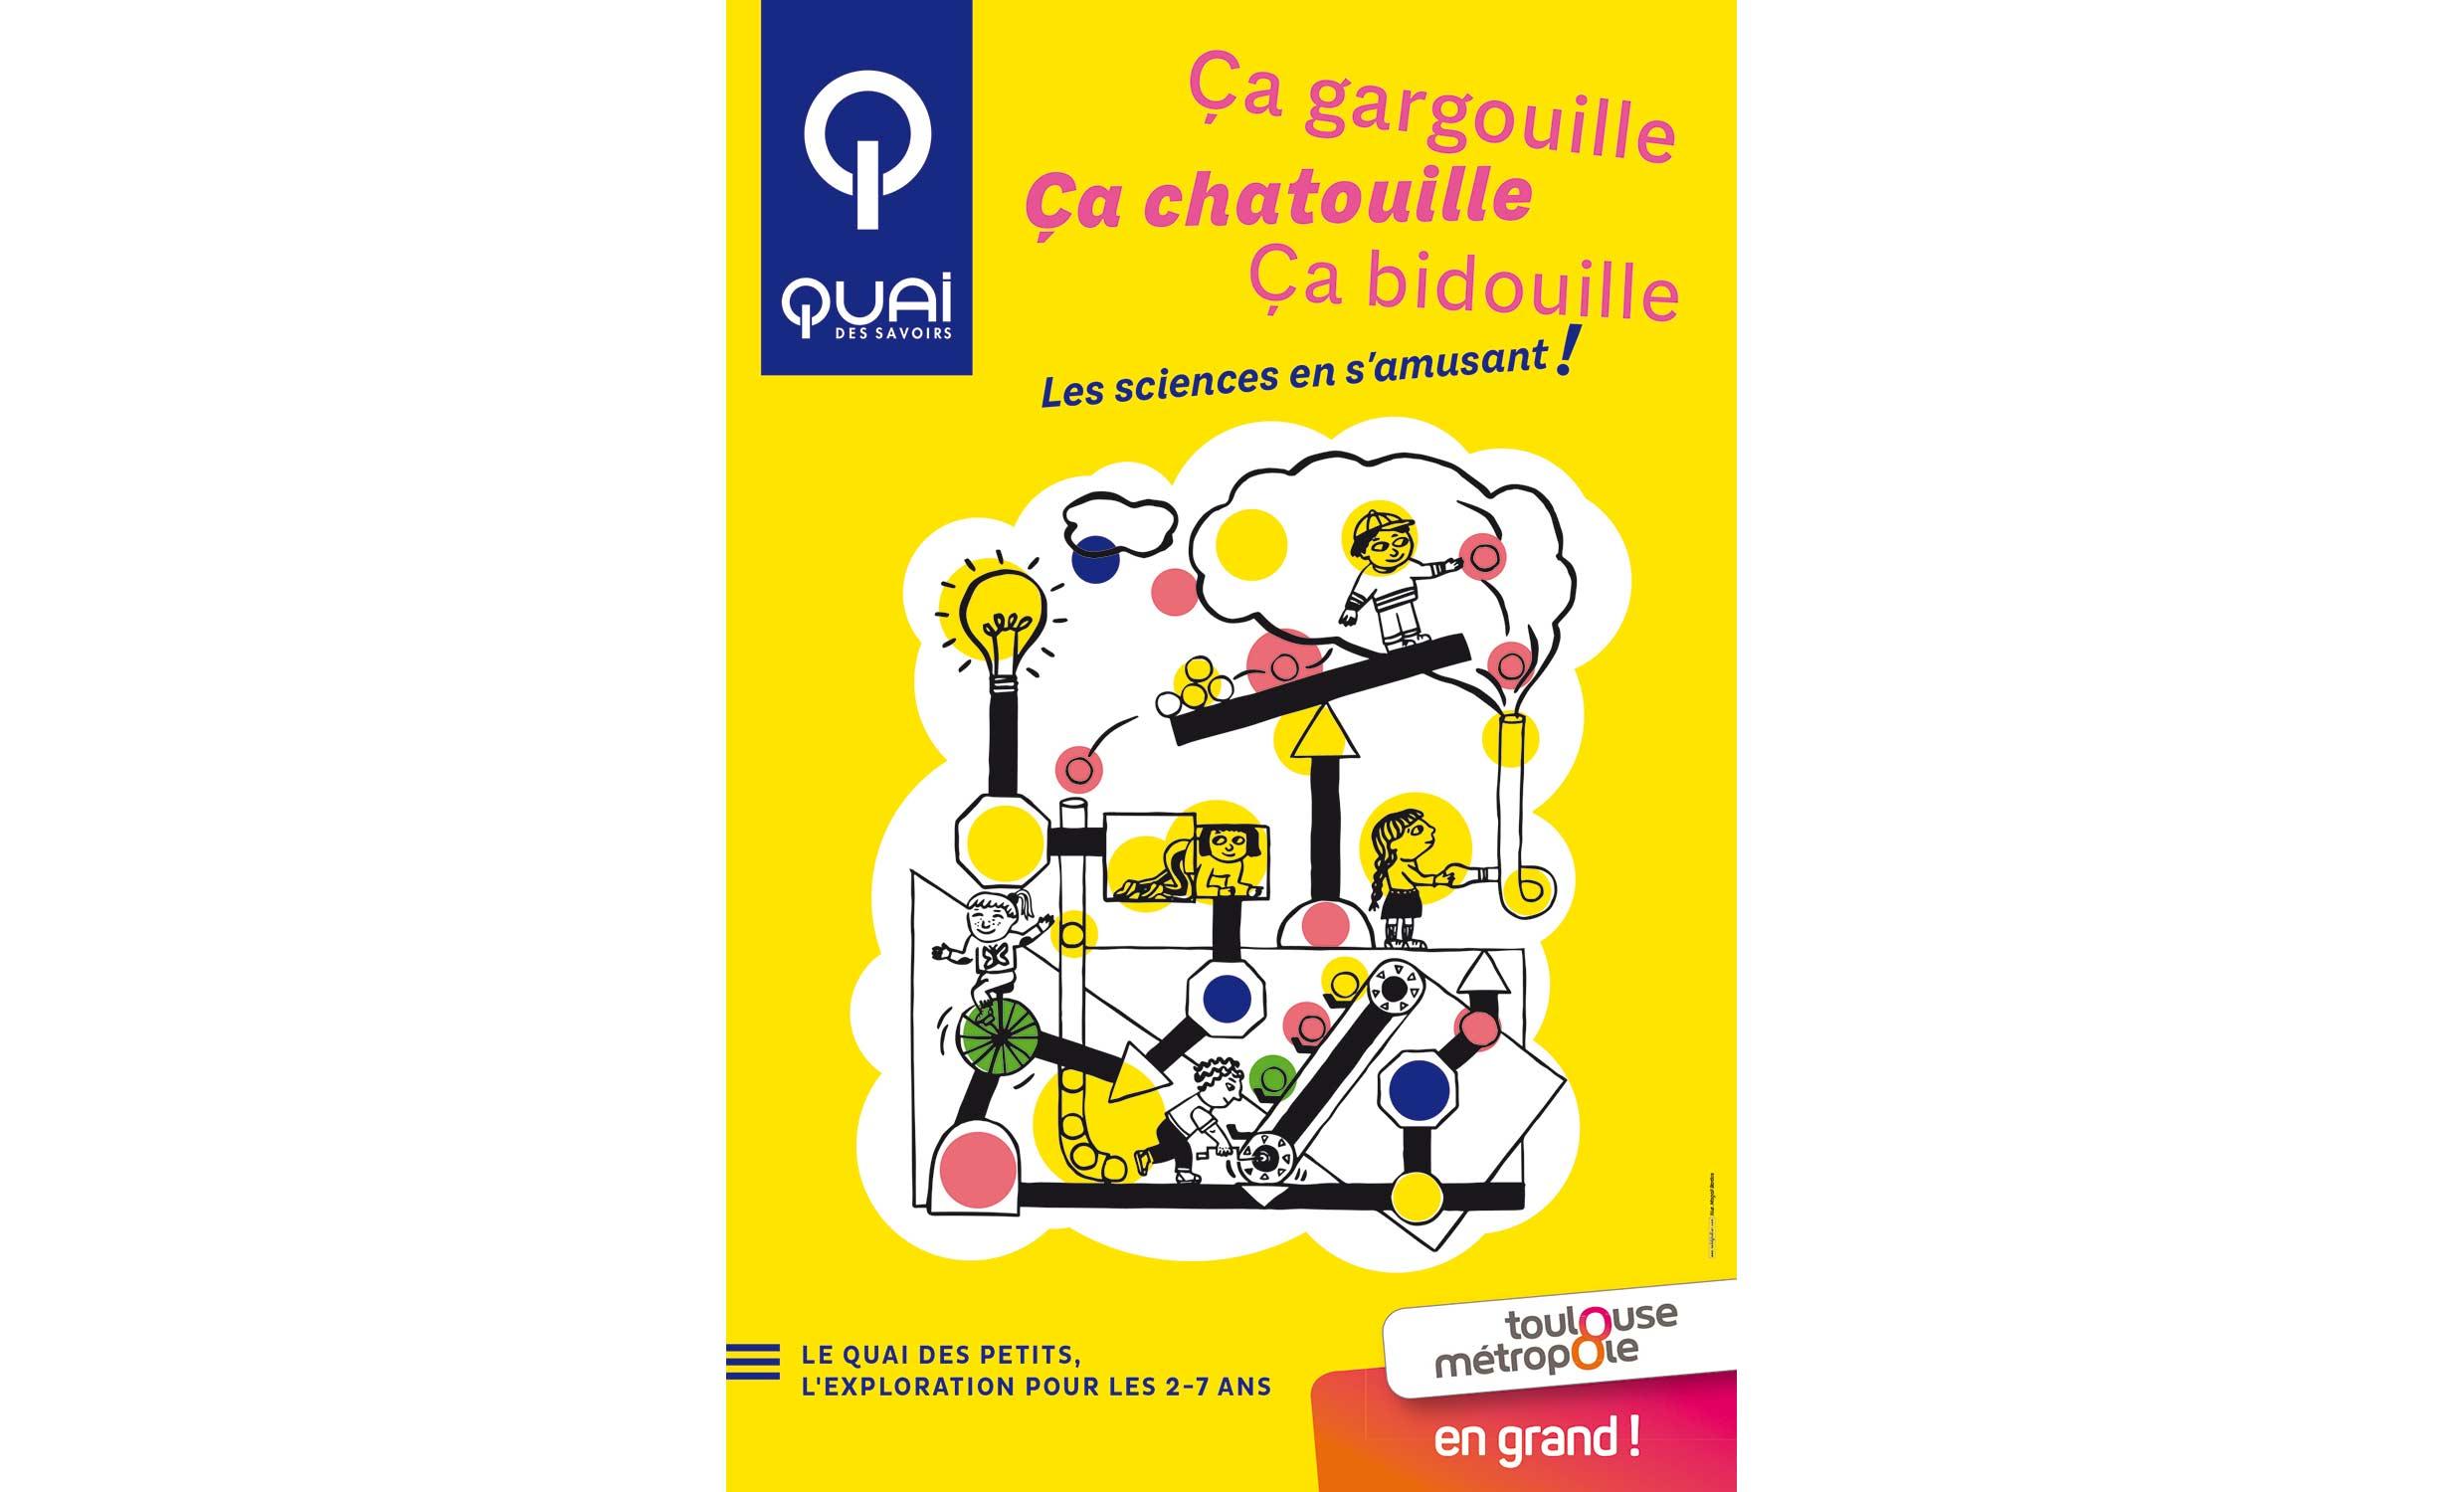 Affiche Quai des petits quai des savoirs toulouse © Magali Bardos science musée